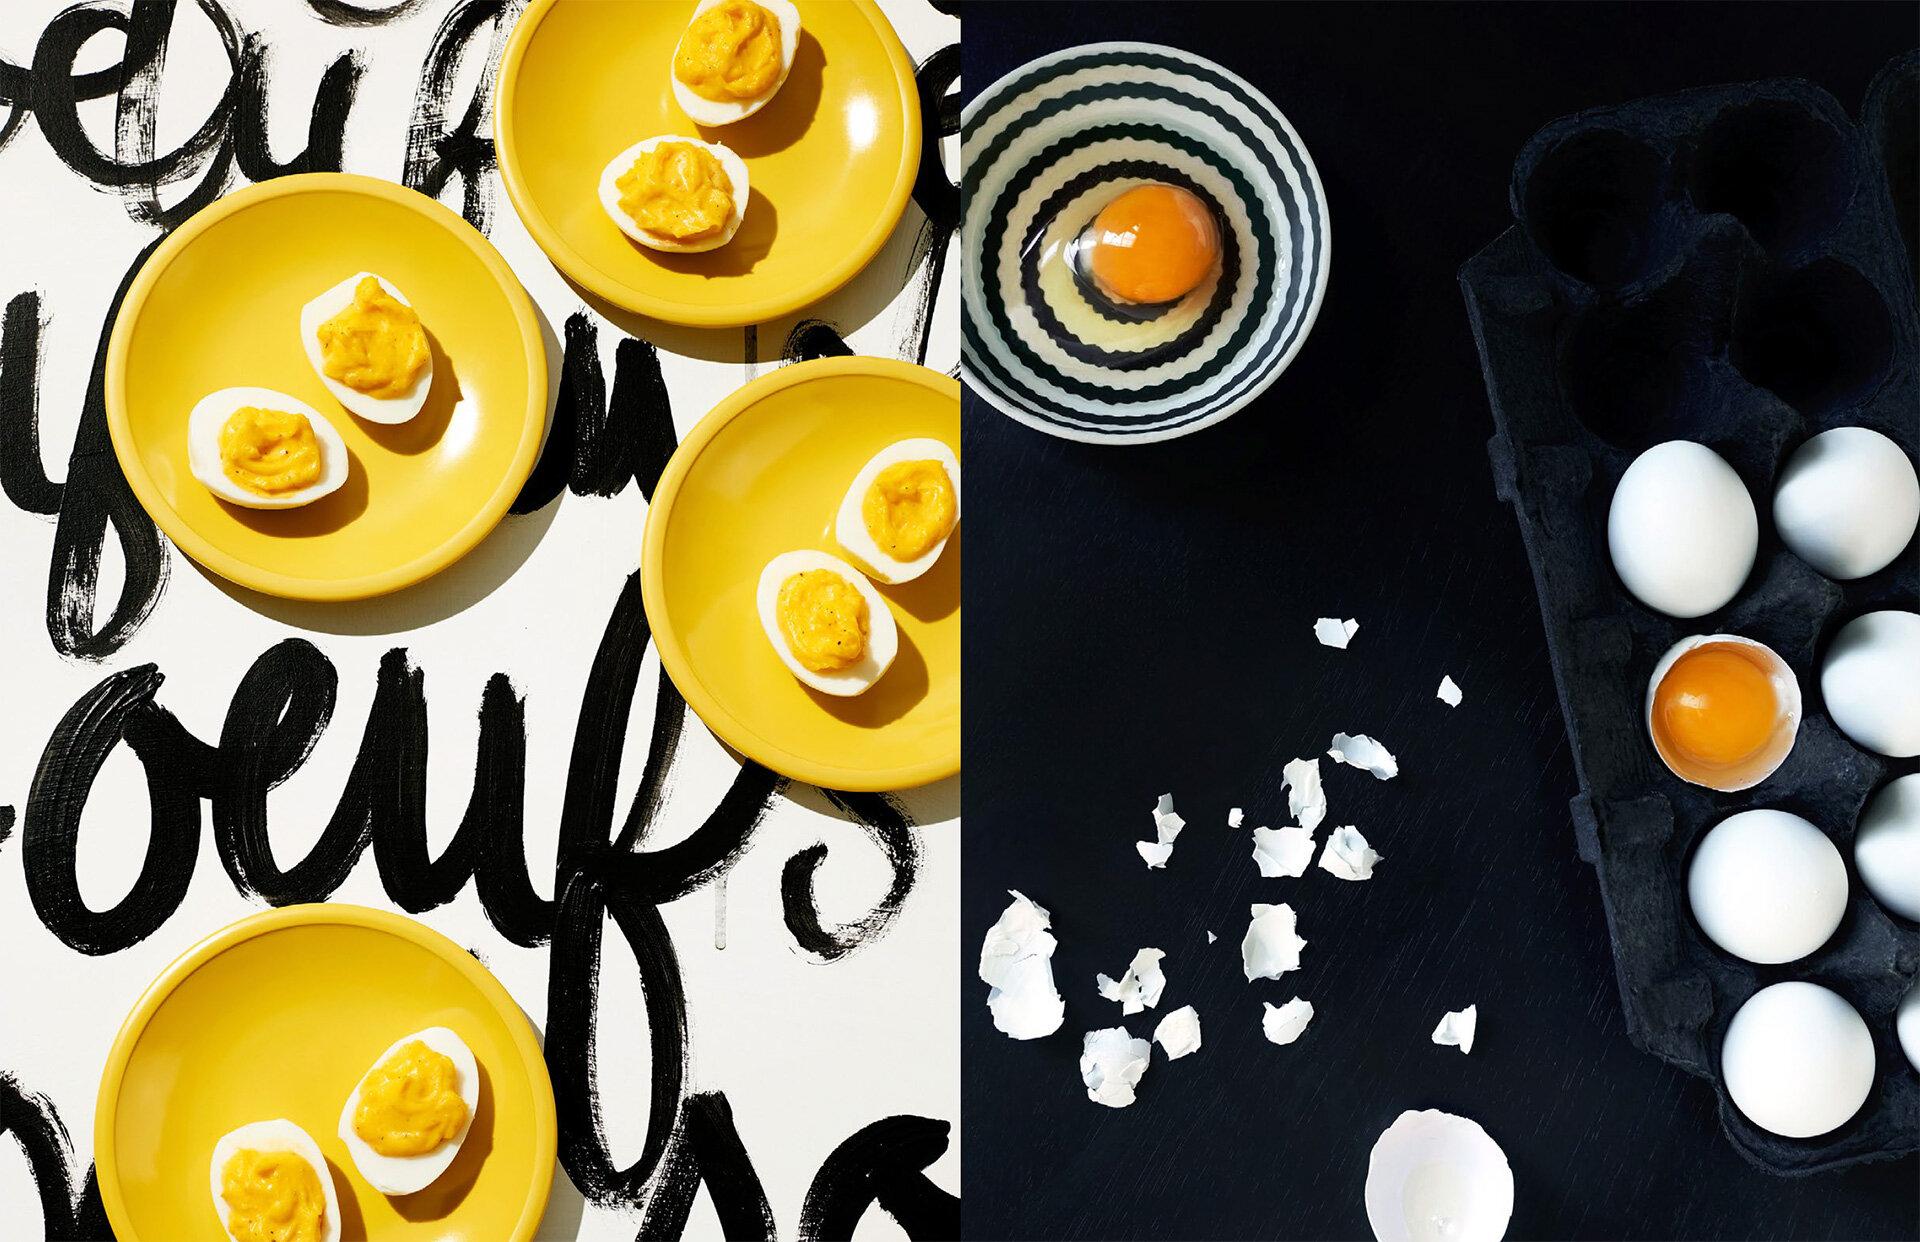 LK egg spread 1.jpg